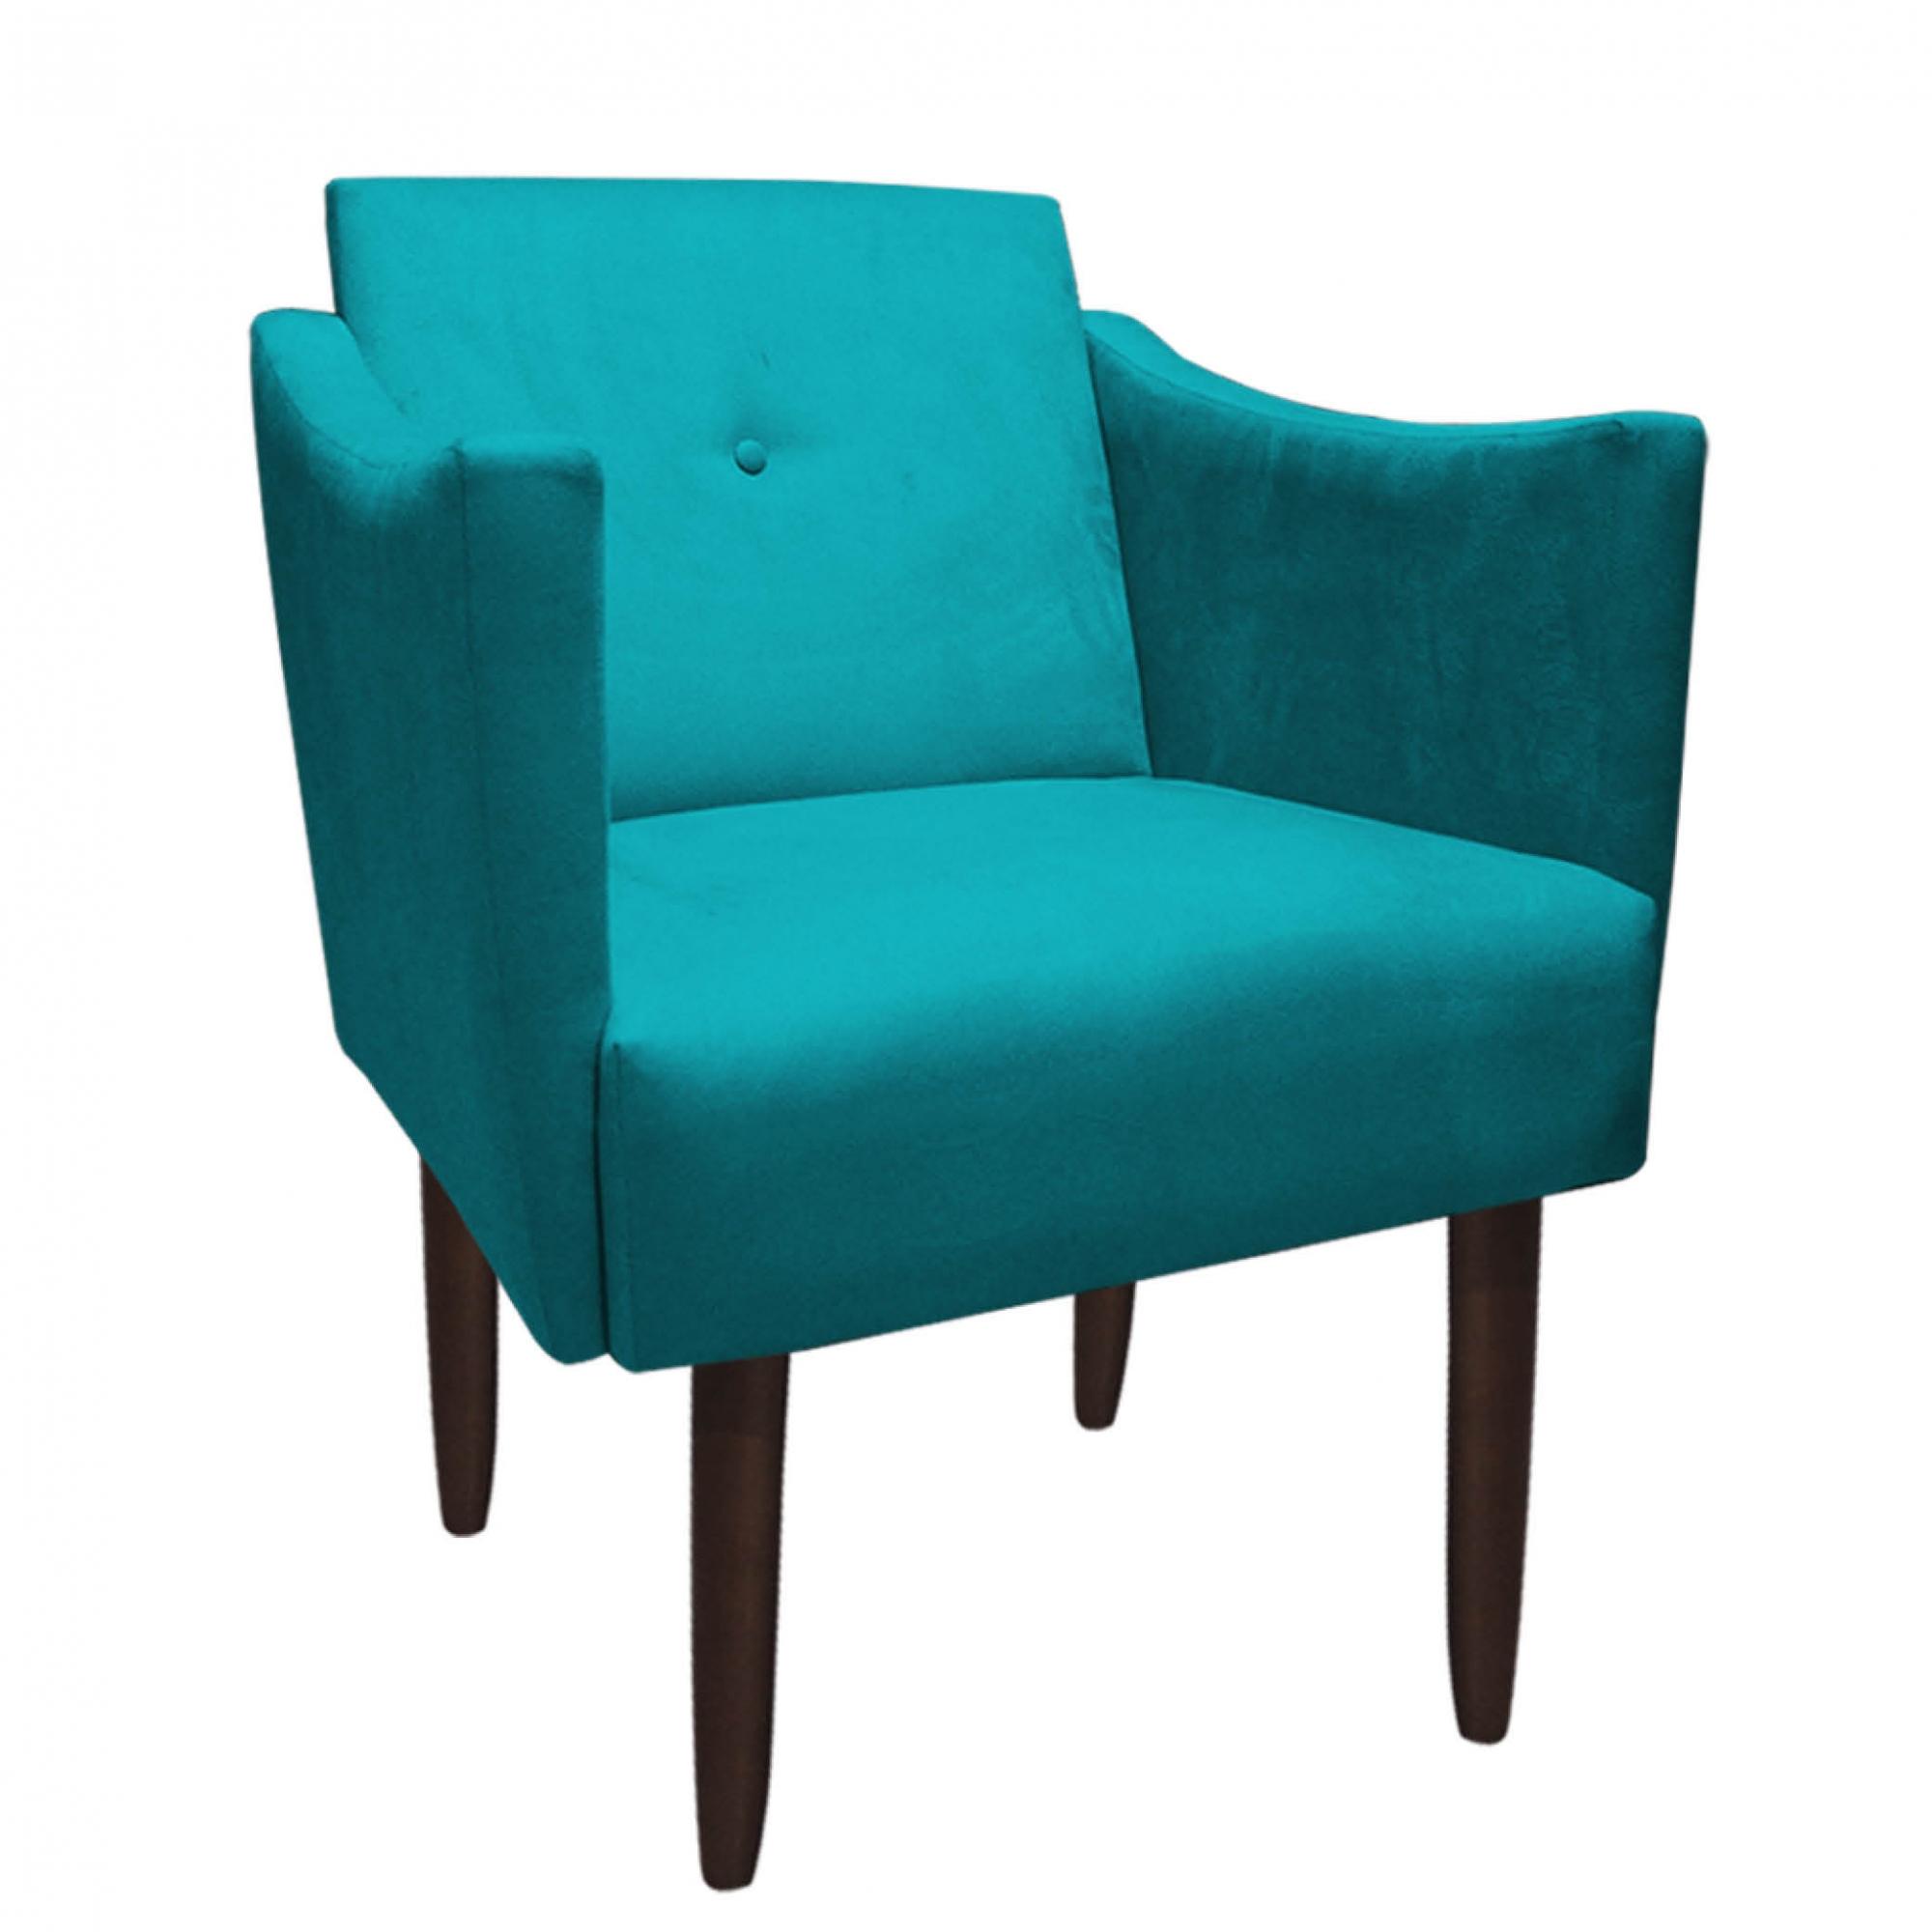 Kit 2 Poltrona Naty Decoração Escritório Salão Cadeira Recepção Escritório Sala Estar D'Classe Decor Suede Azul Tiffany